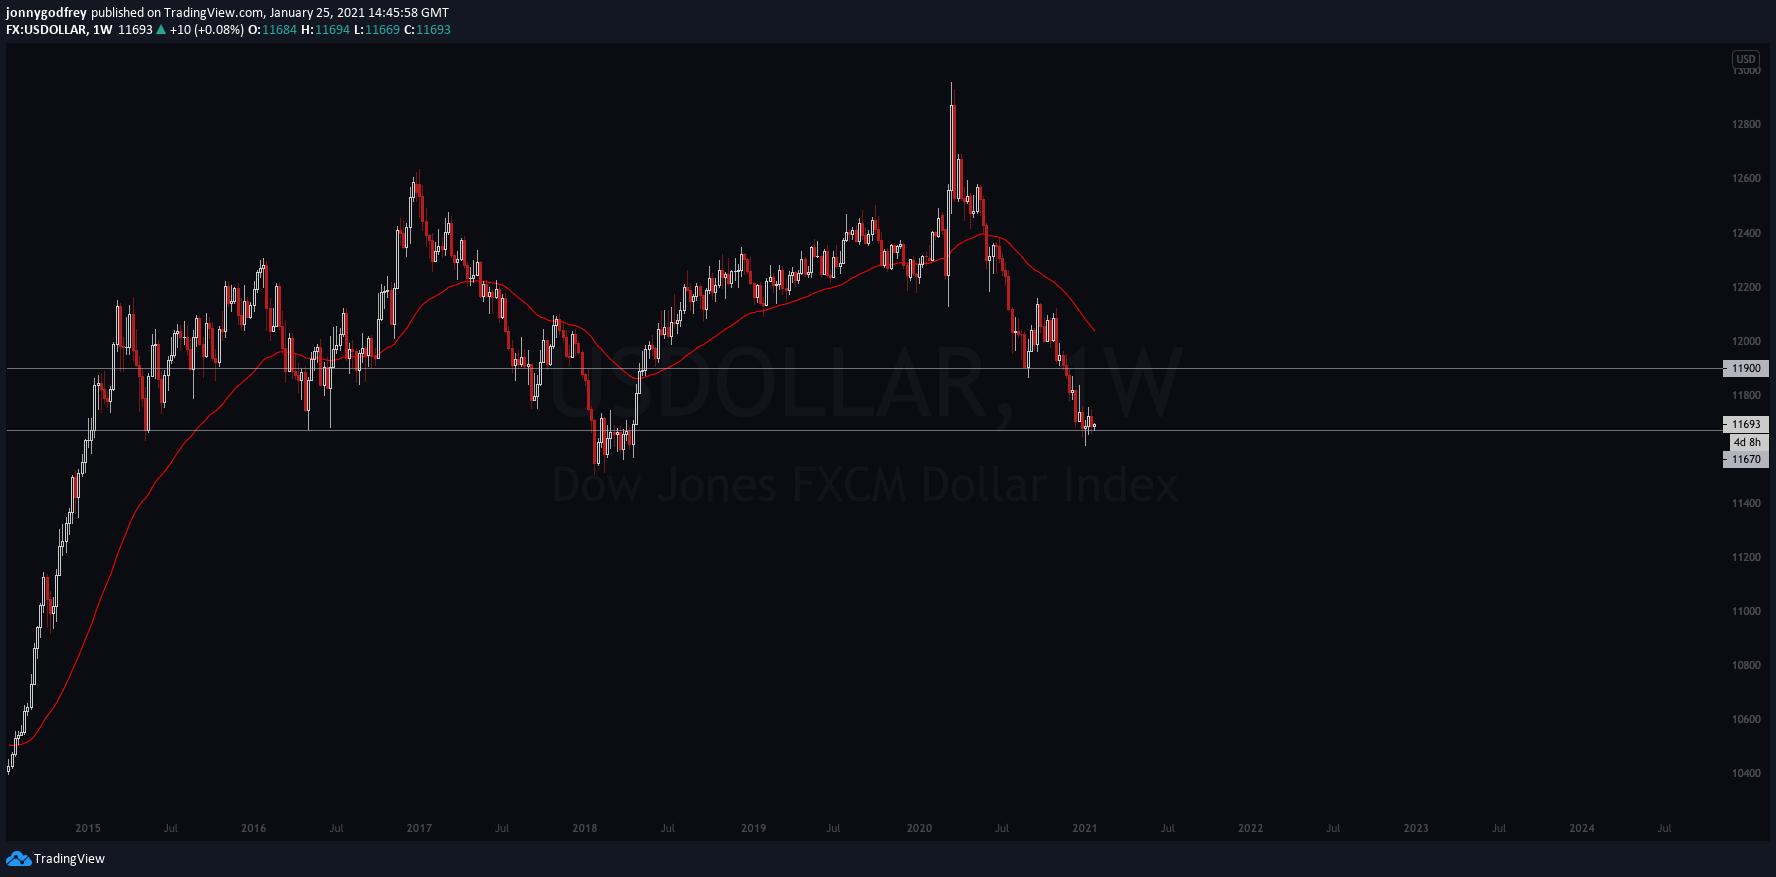 USDOLLARweekly chart